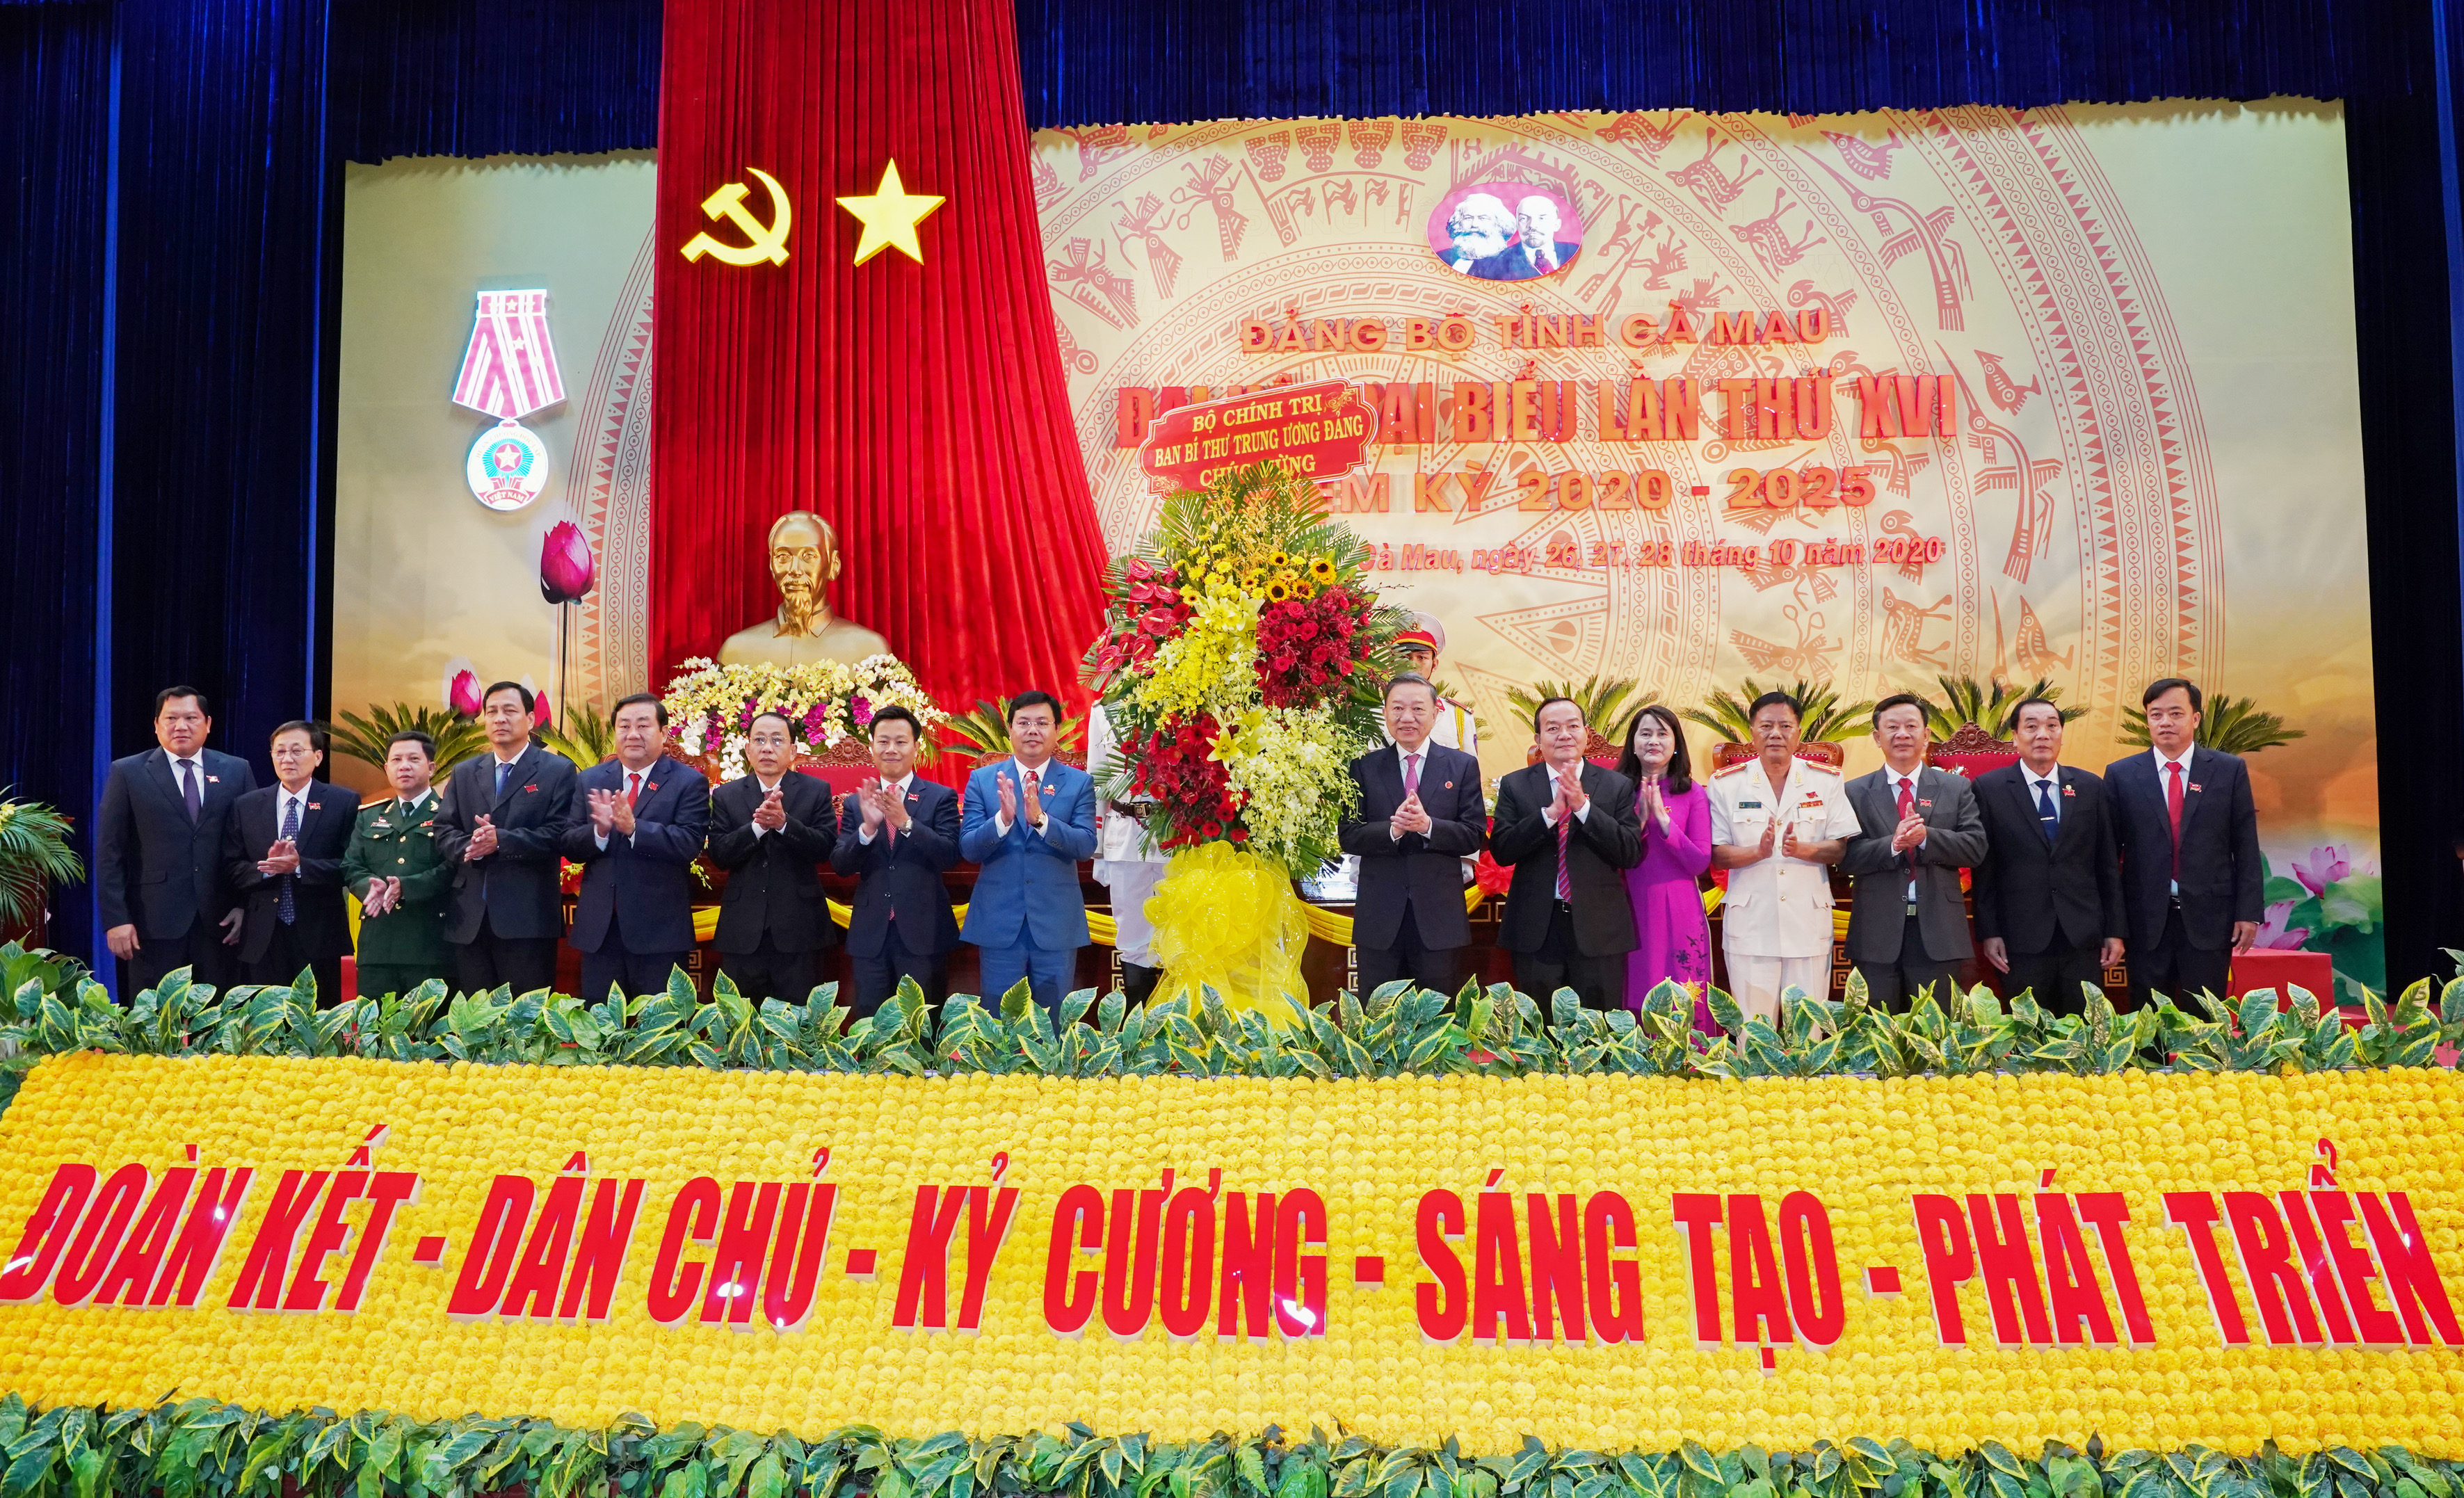 Đại tướng Tô Lâm, Bộ trưởng Bộ Công An thay mặt Bộ chính trị tặng hoa chúc mừng Đại hội